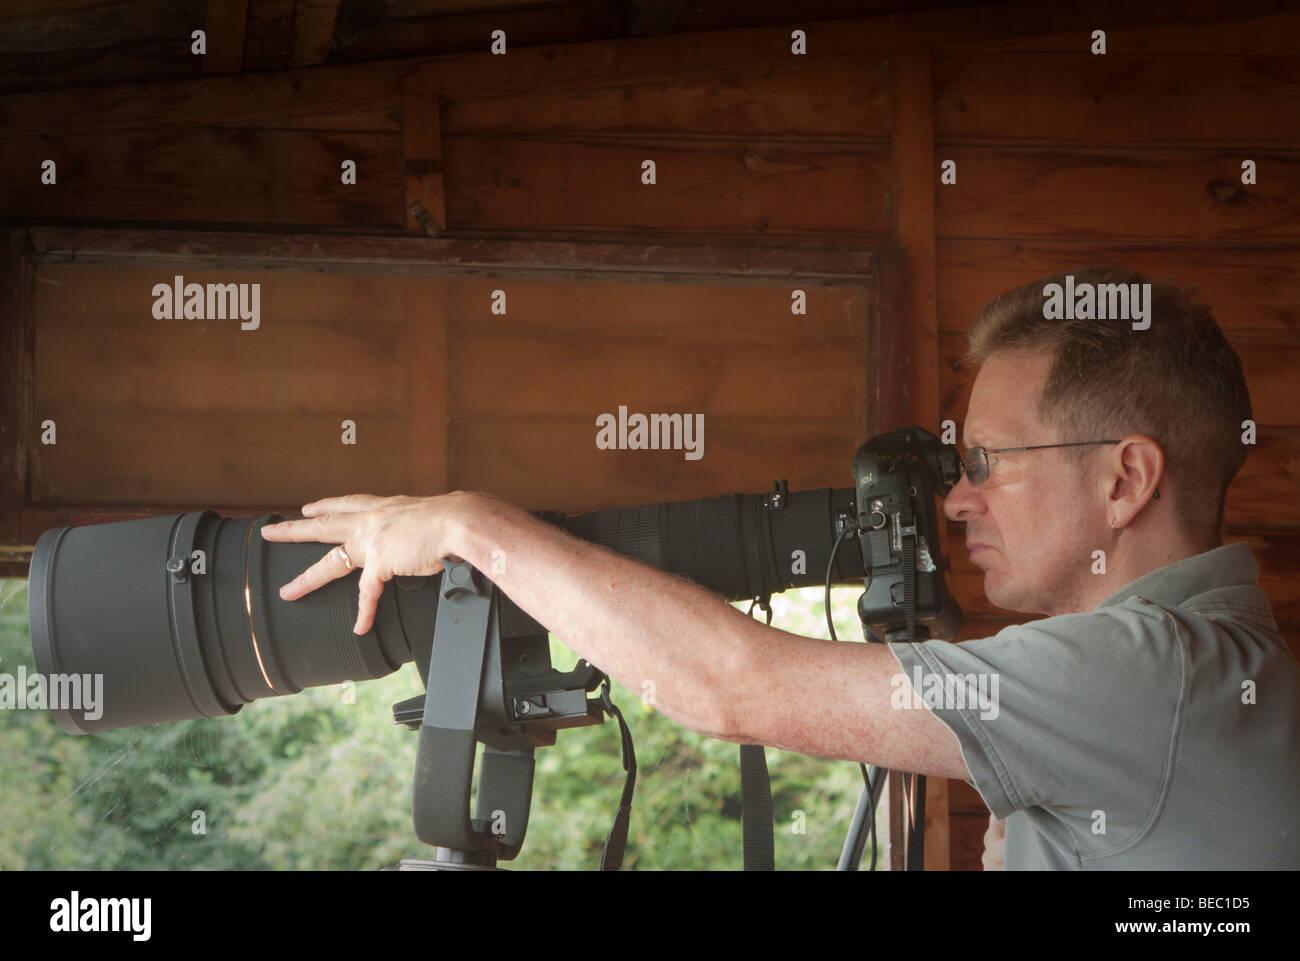 Voce maschile Wildlife Photographer utilizzando un teleobiettivo in bird Nascondi Immagini Stock